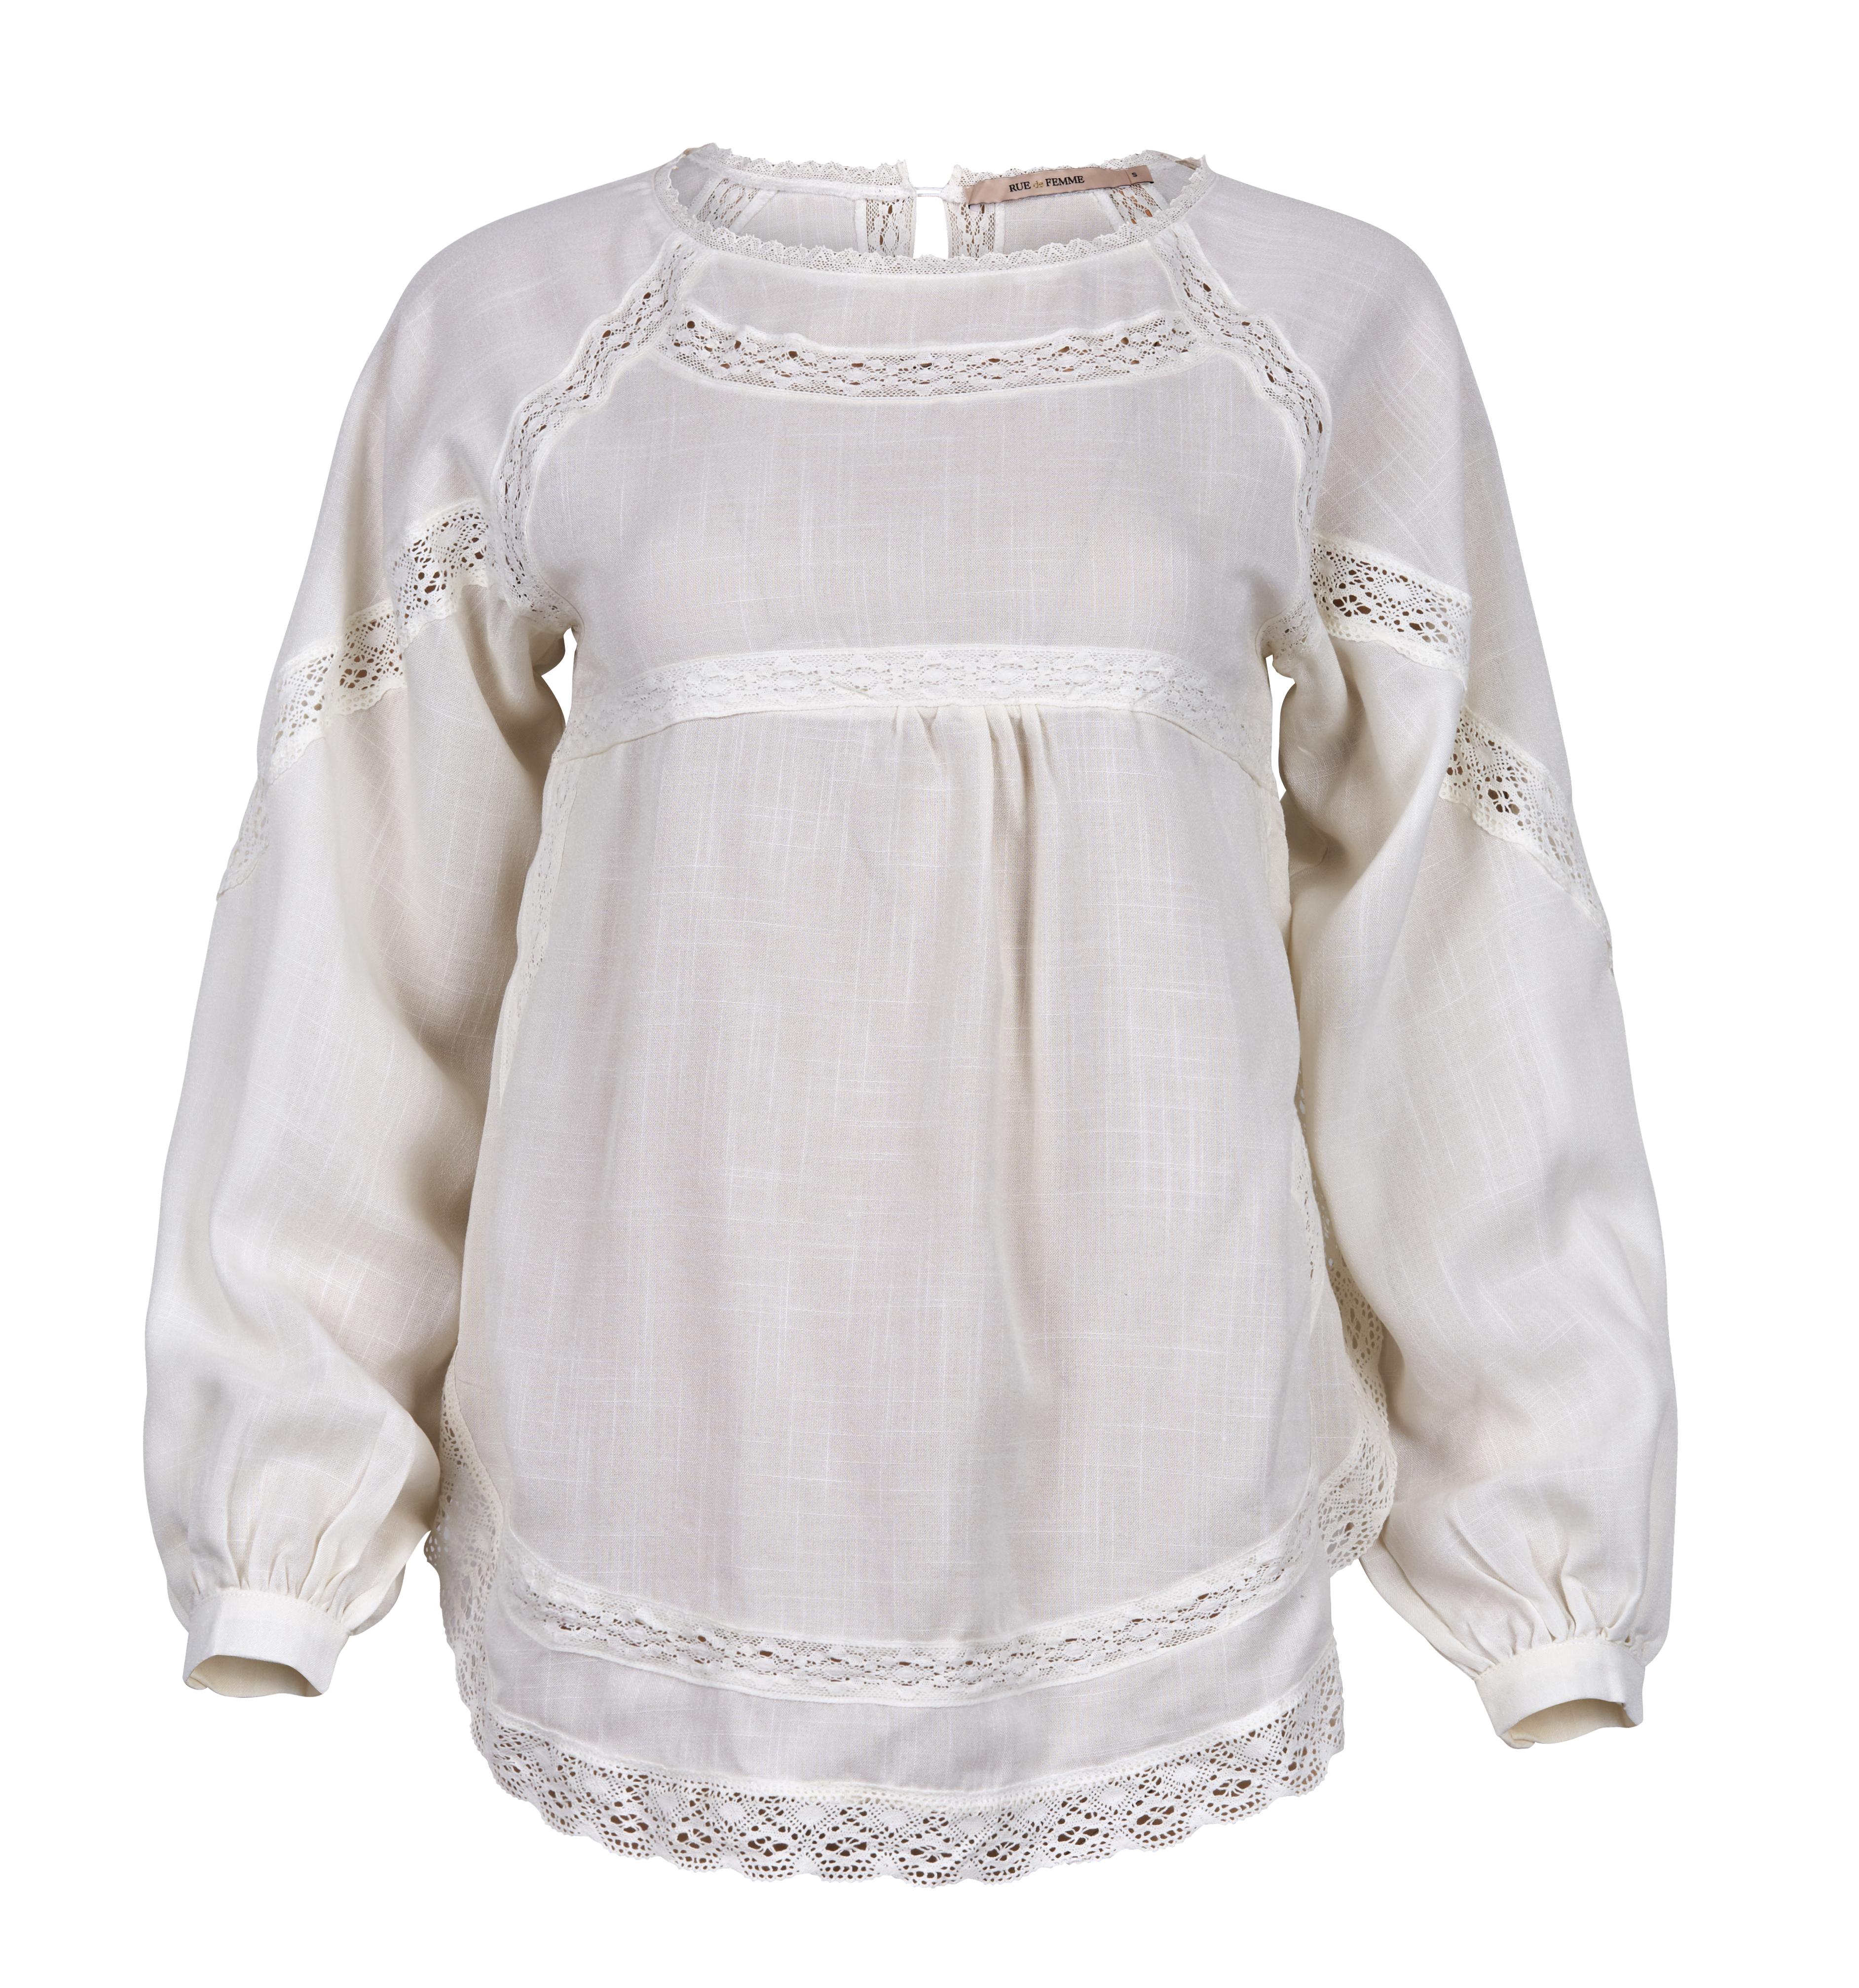 f6d17342 Bluse med blonder fra Rue de Femme – Rue de Femme off white bluse med  blonder